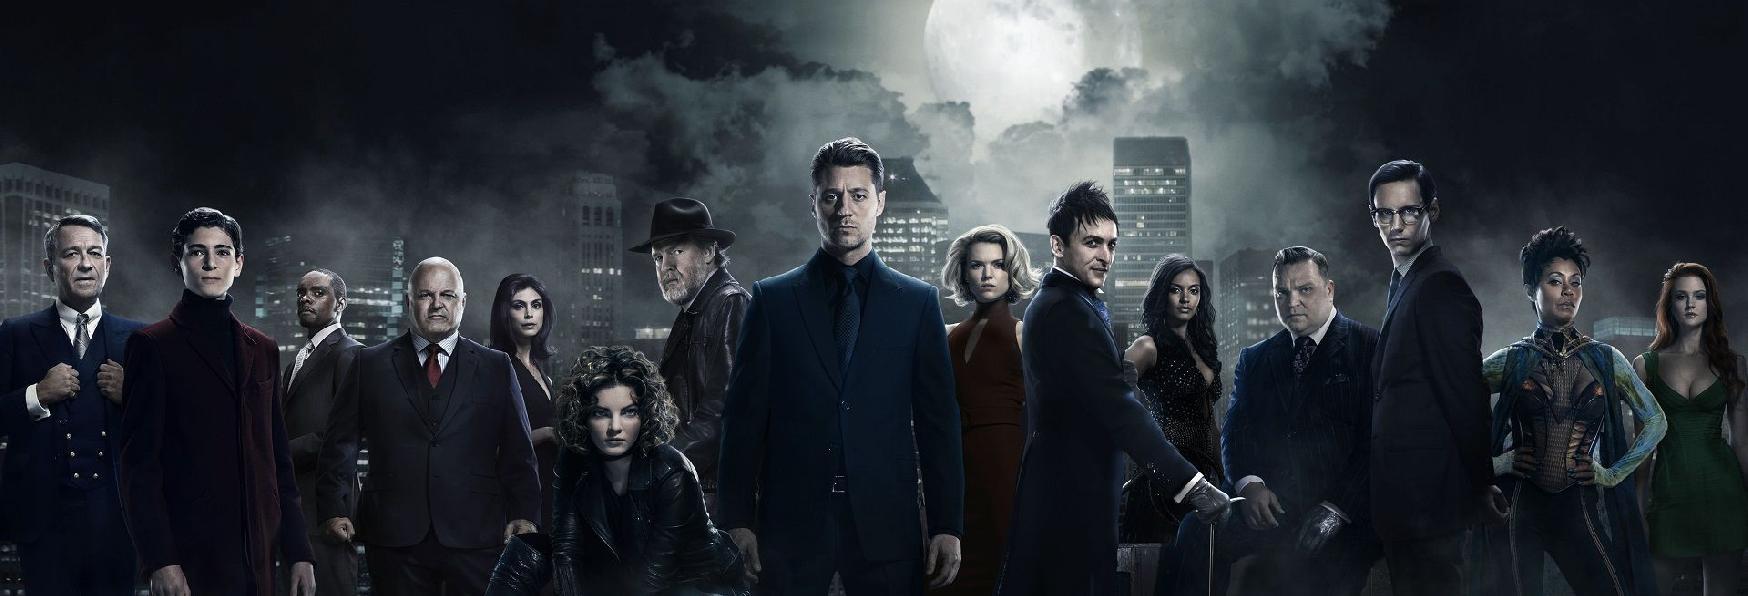 Gotham 5: svelato l'Episodio in cui comparirà Bane. Quanto spazio verrà dato a Batman?